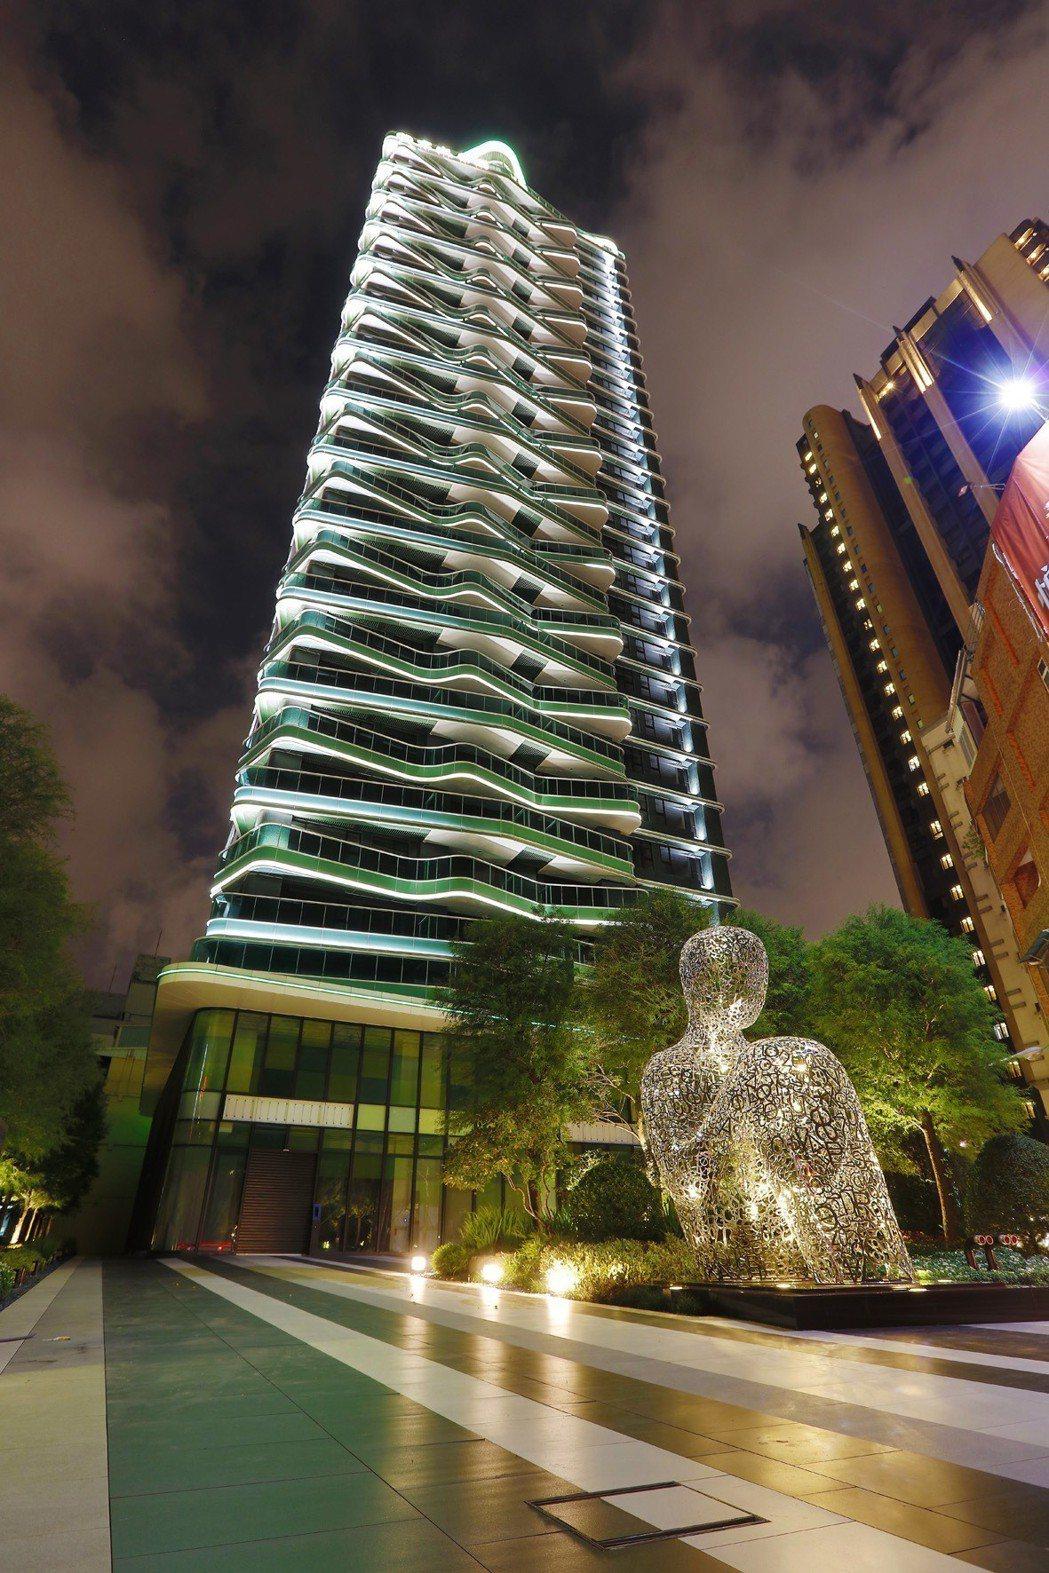 「綠翡翠」綠光熠熠,宛如博愛特區一顆璀璨寶石。 圖片提供/京城建設